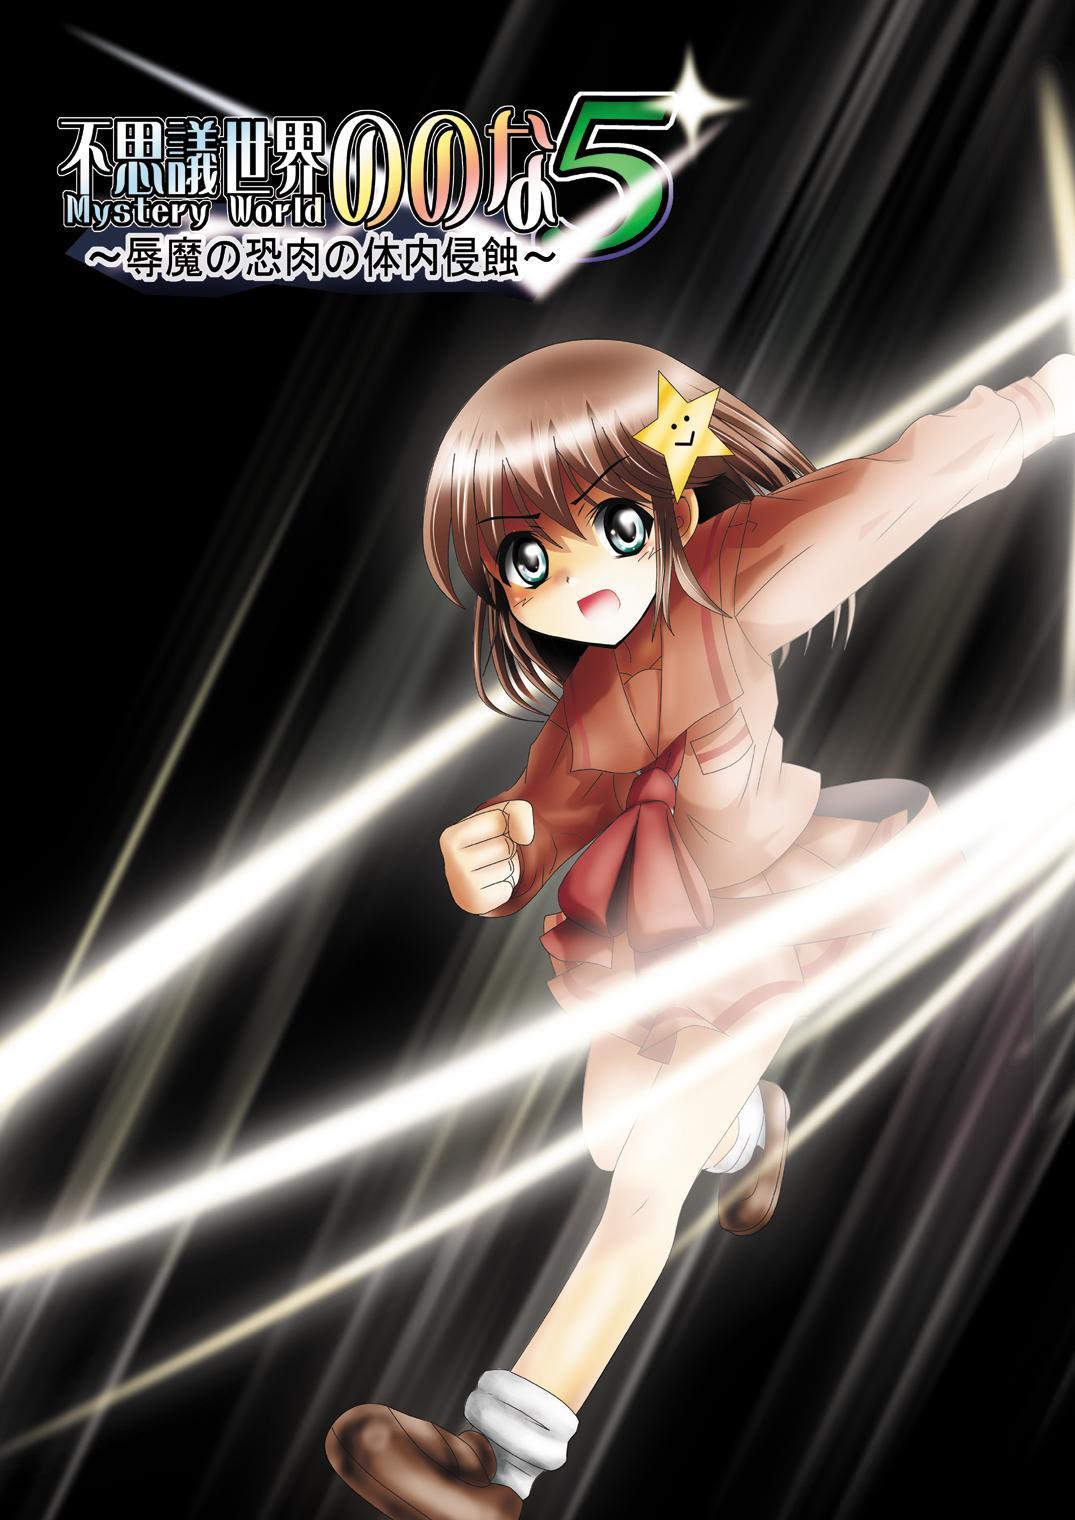 [Dende] Fushigi Sekai -Mystery World- Nonoha 5 ~Jokuma no Kyouniku no Tainai Shinshoku~ 147